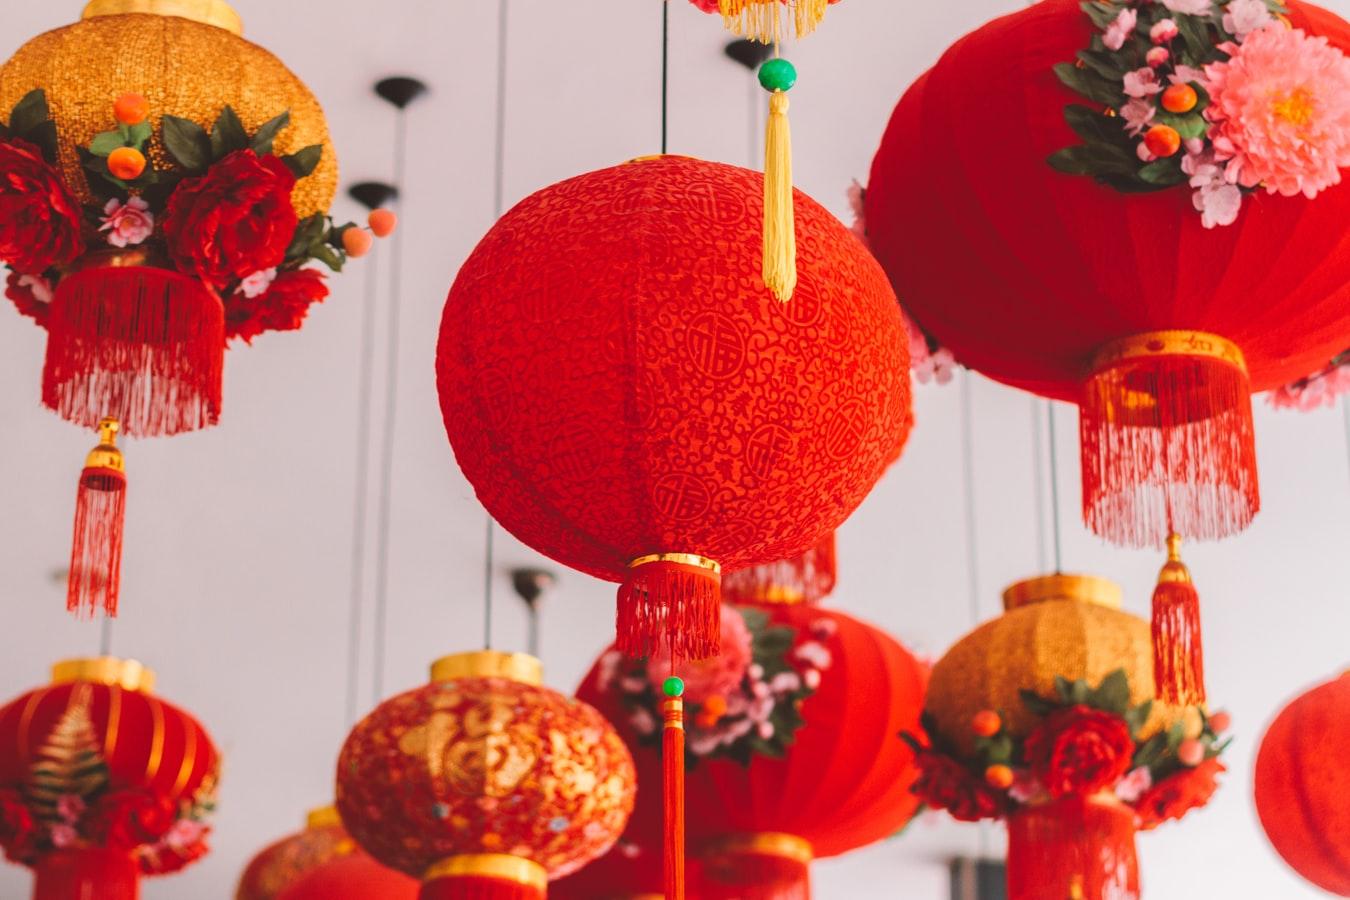 Fredagsläsning & Gott kinesiskt nyår!